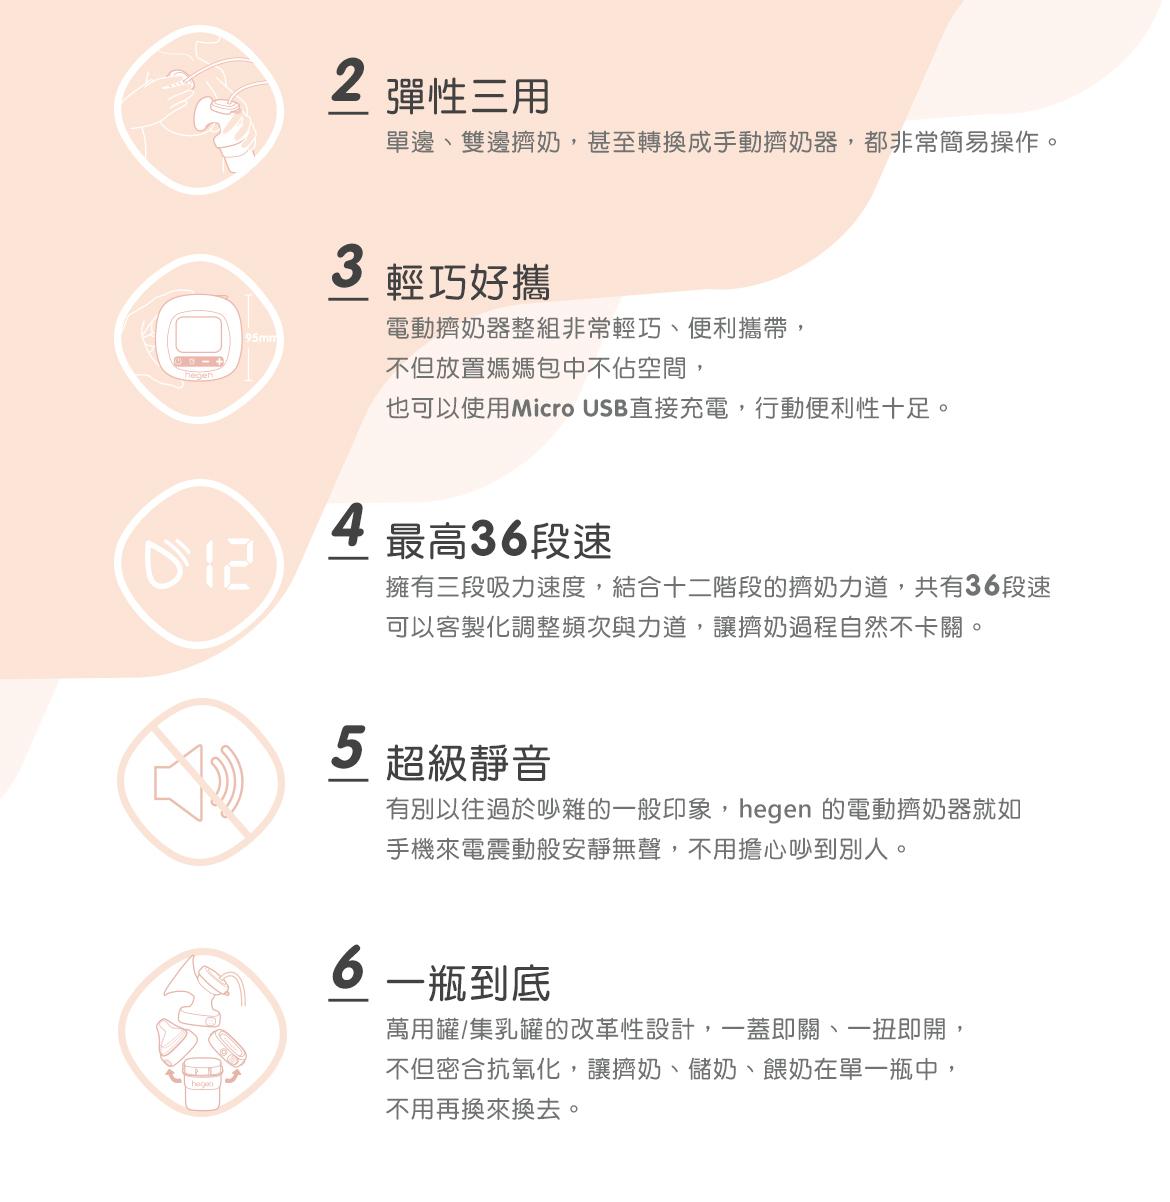 hegen 舒芙蕾多功能雙邊電動擠奶器: 特色介紹